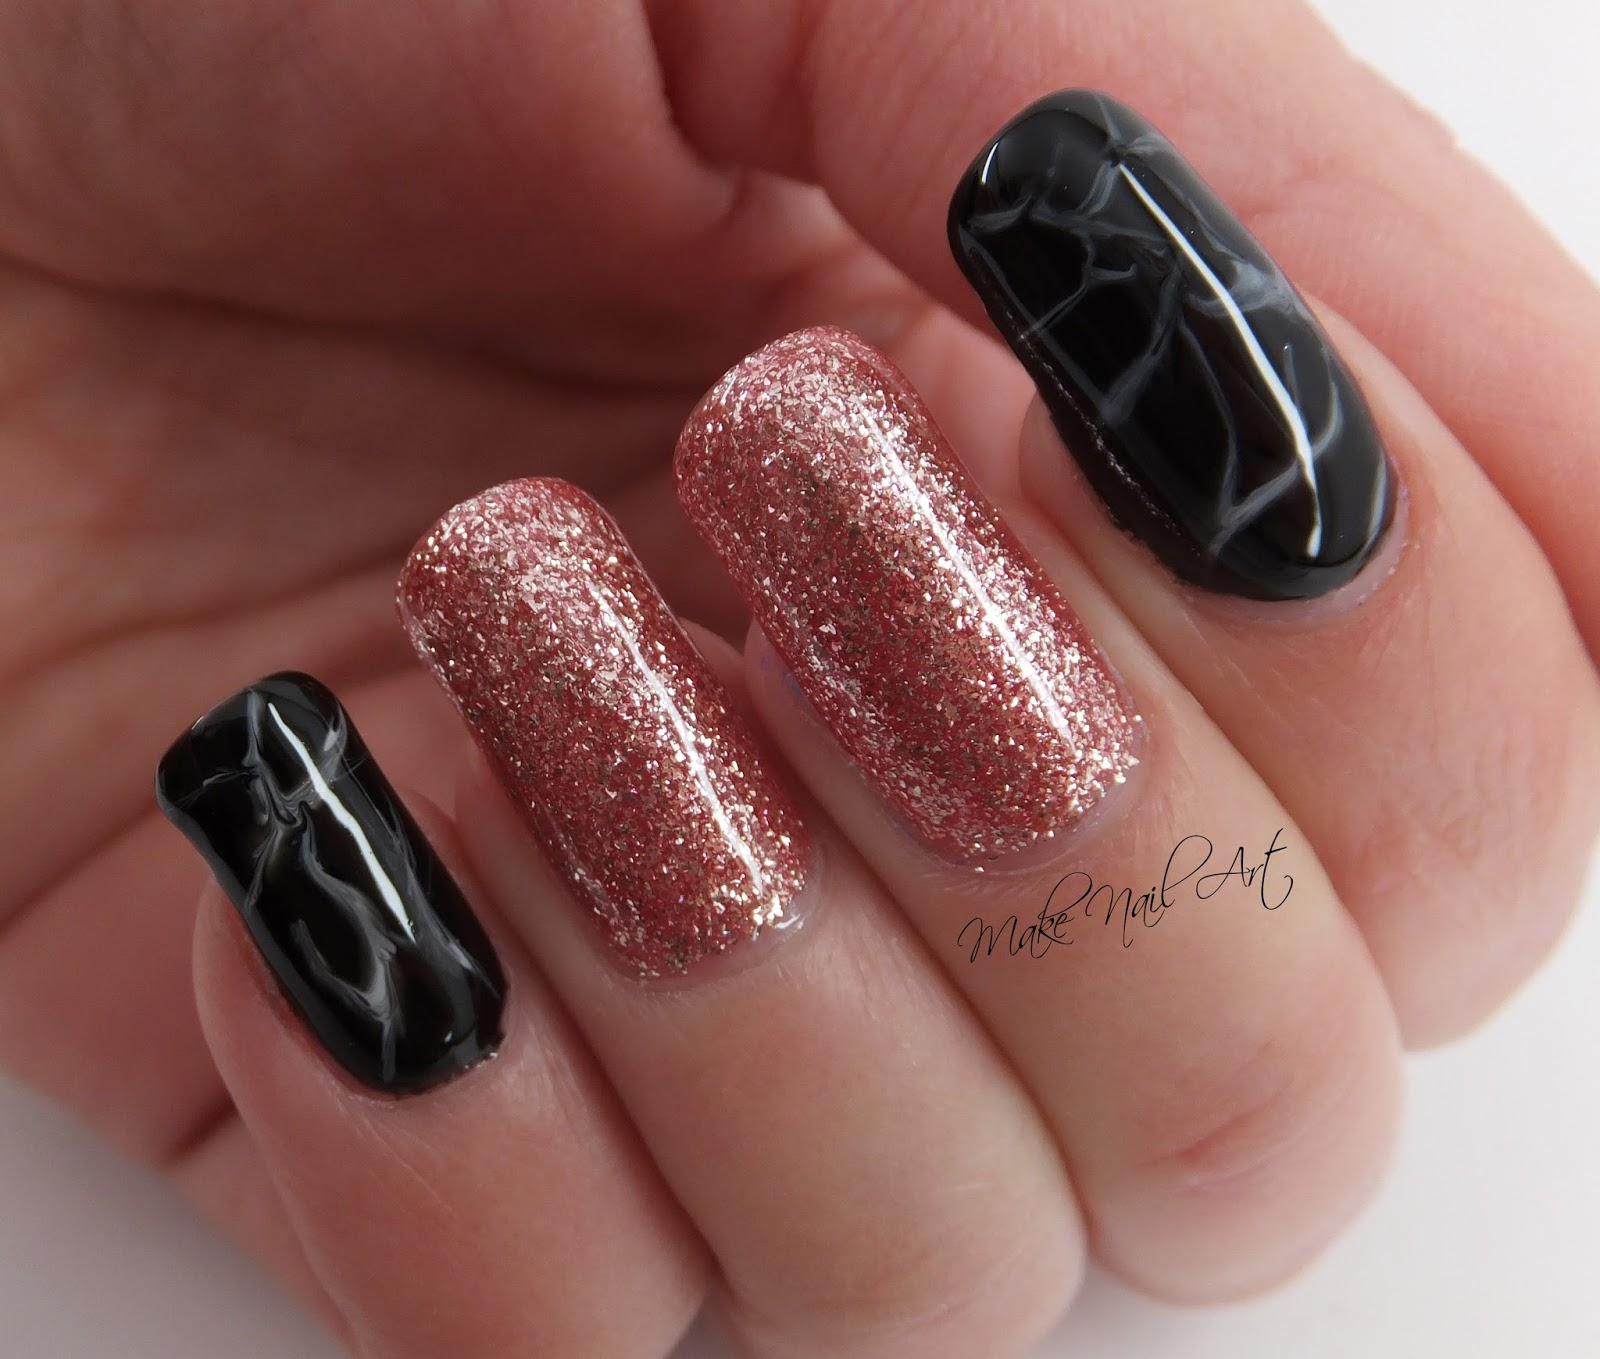 Make Nail Art Rose Gold Glitter And Marble Gel Polish Nails Nail